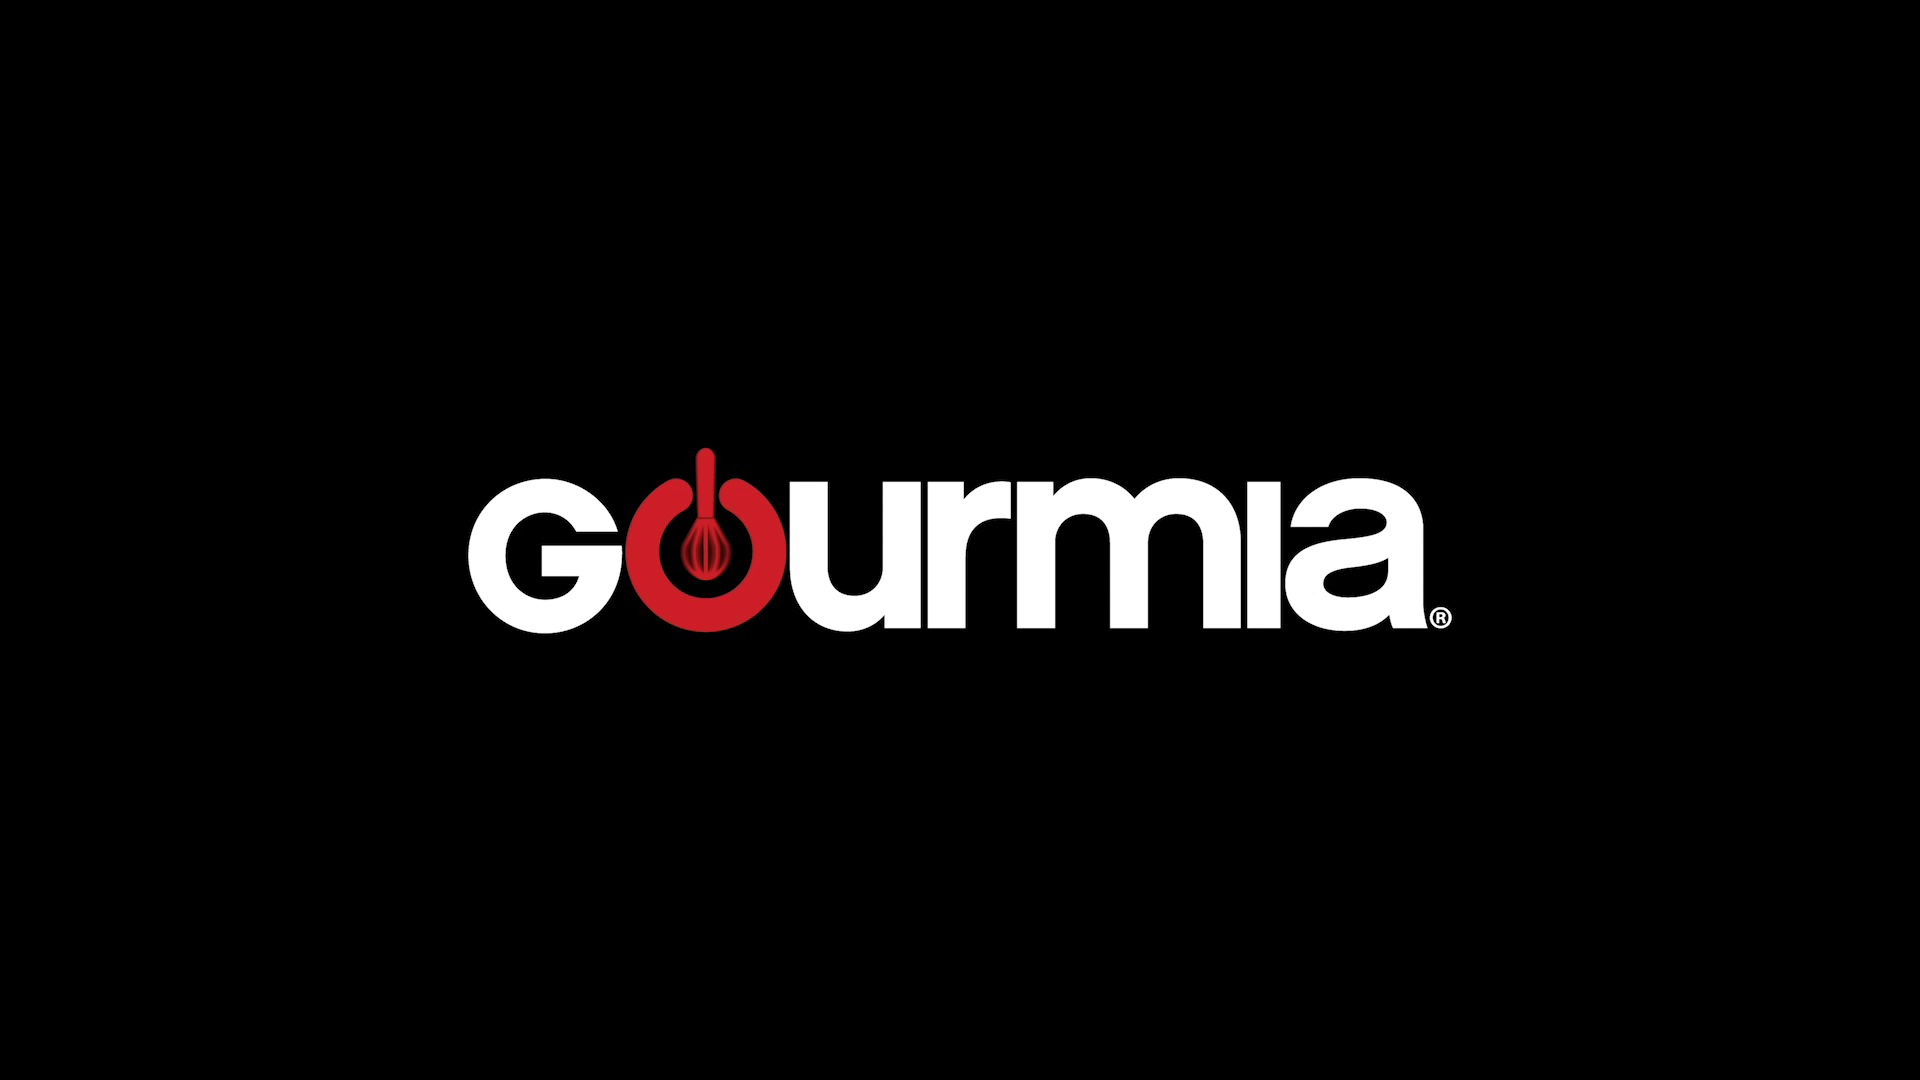 gourmia 5 qt digital air fryer